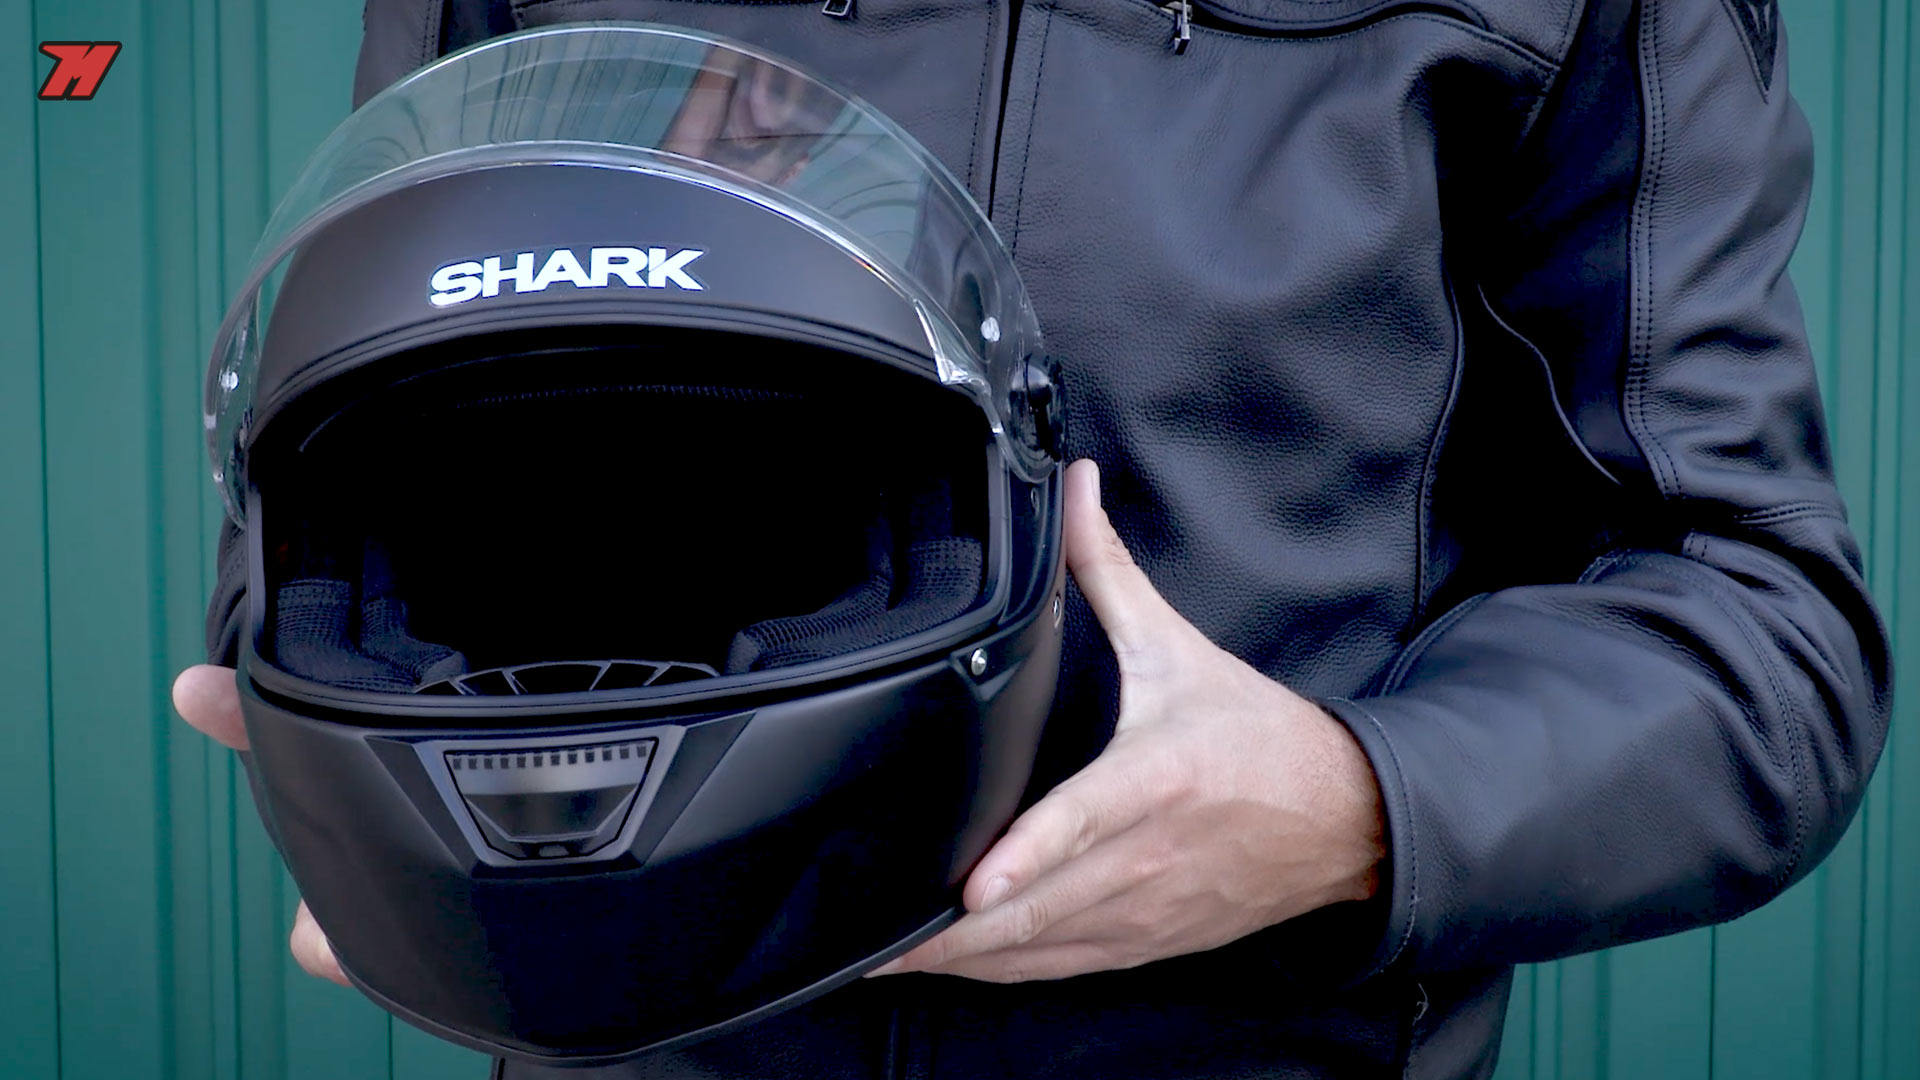 Review Shark Speed R Se Sport Touring Helmet For All